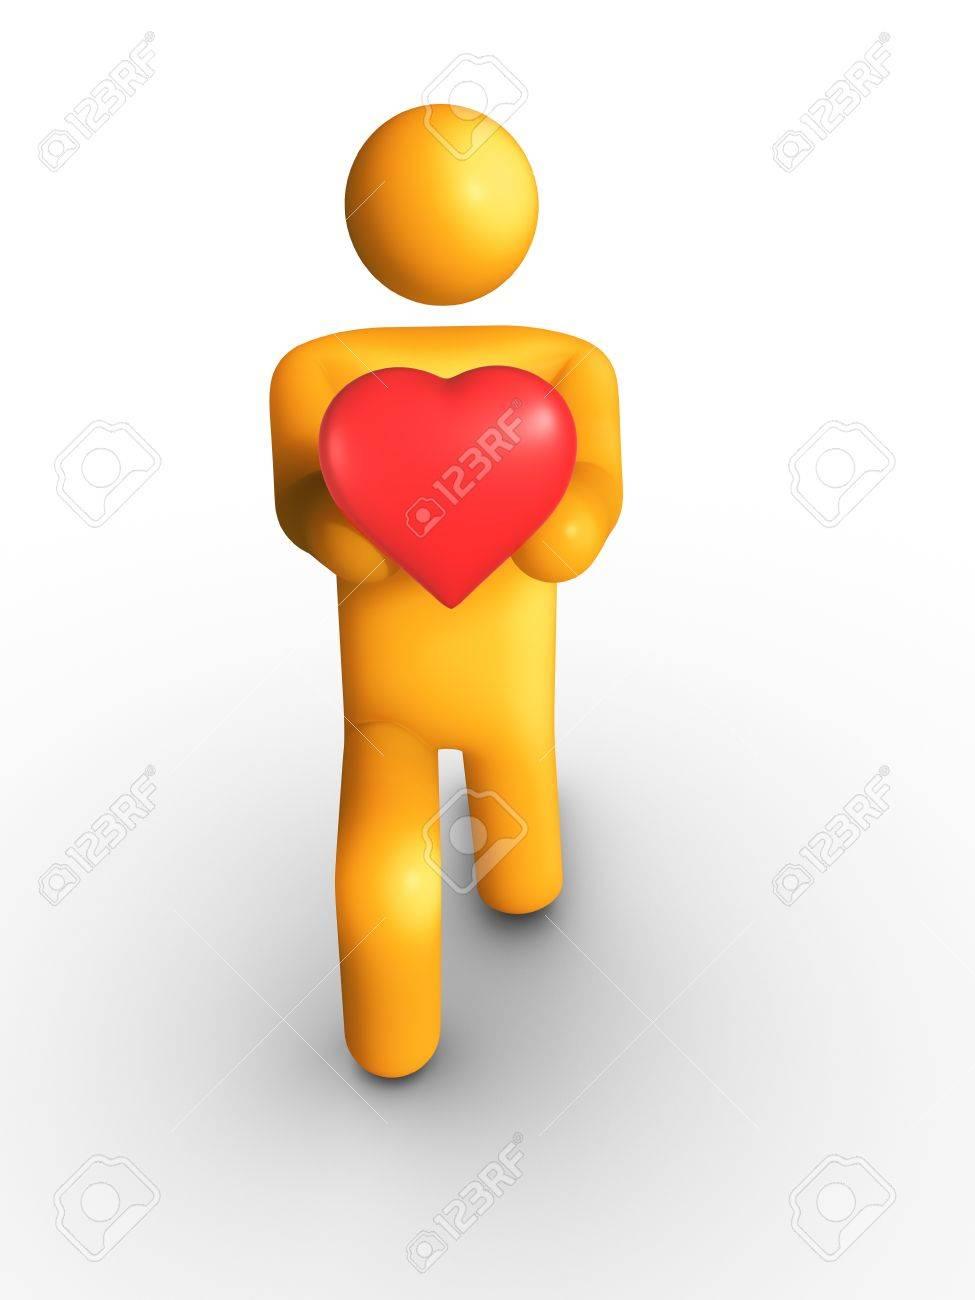 My Heart Stock Photo - 9710605